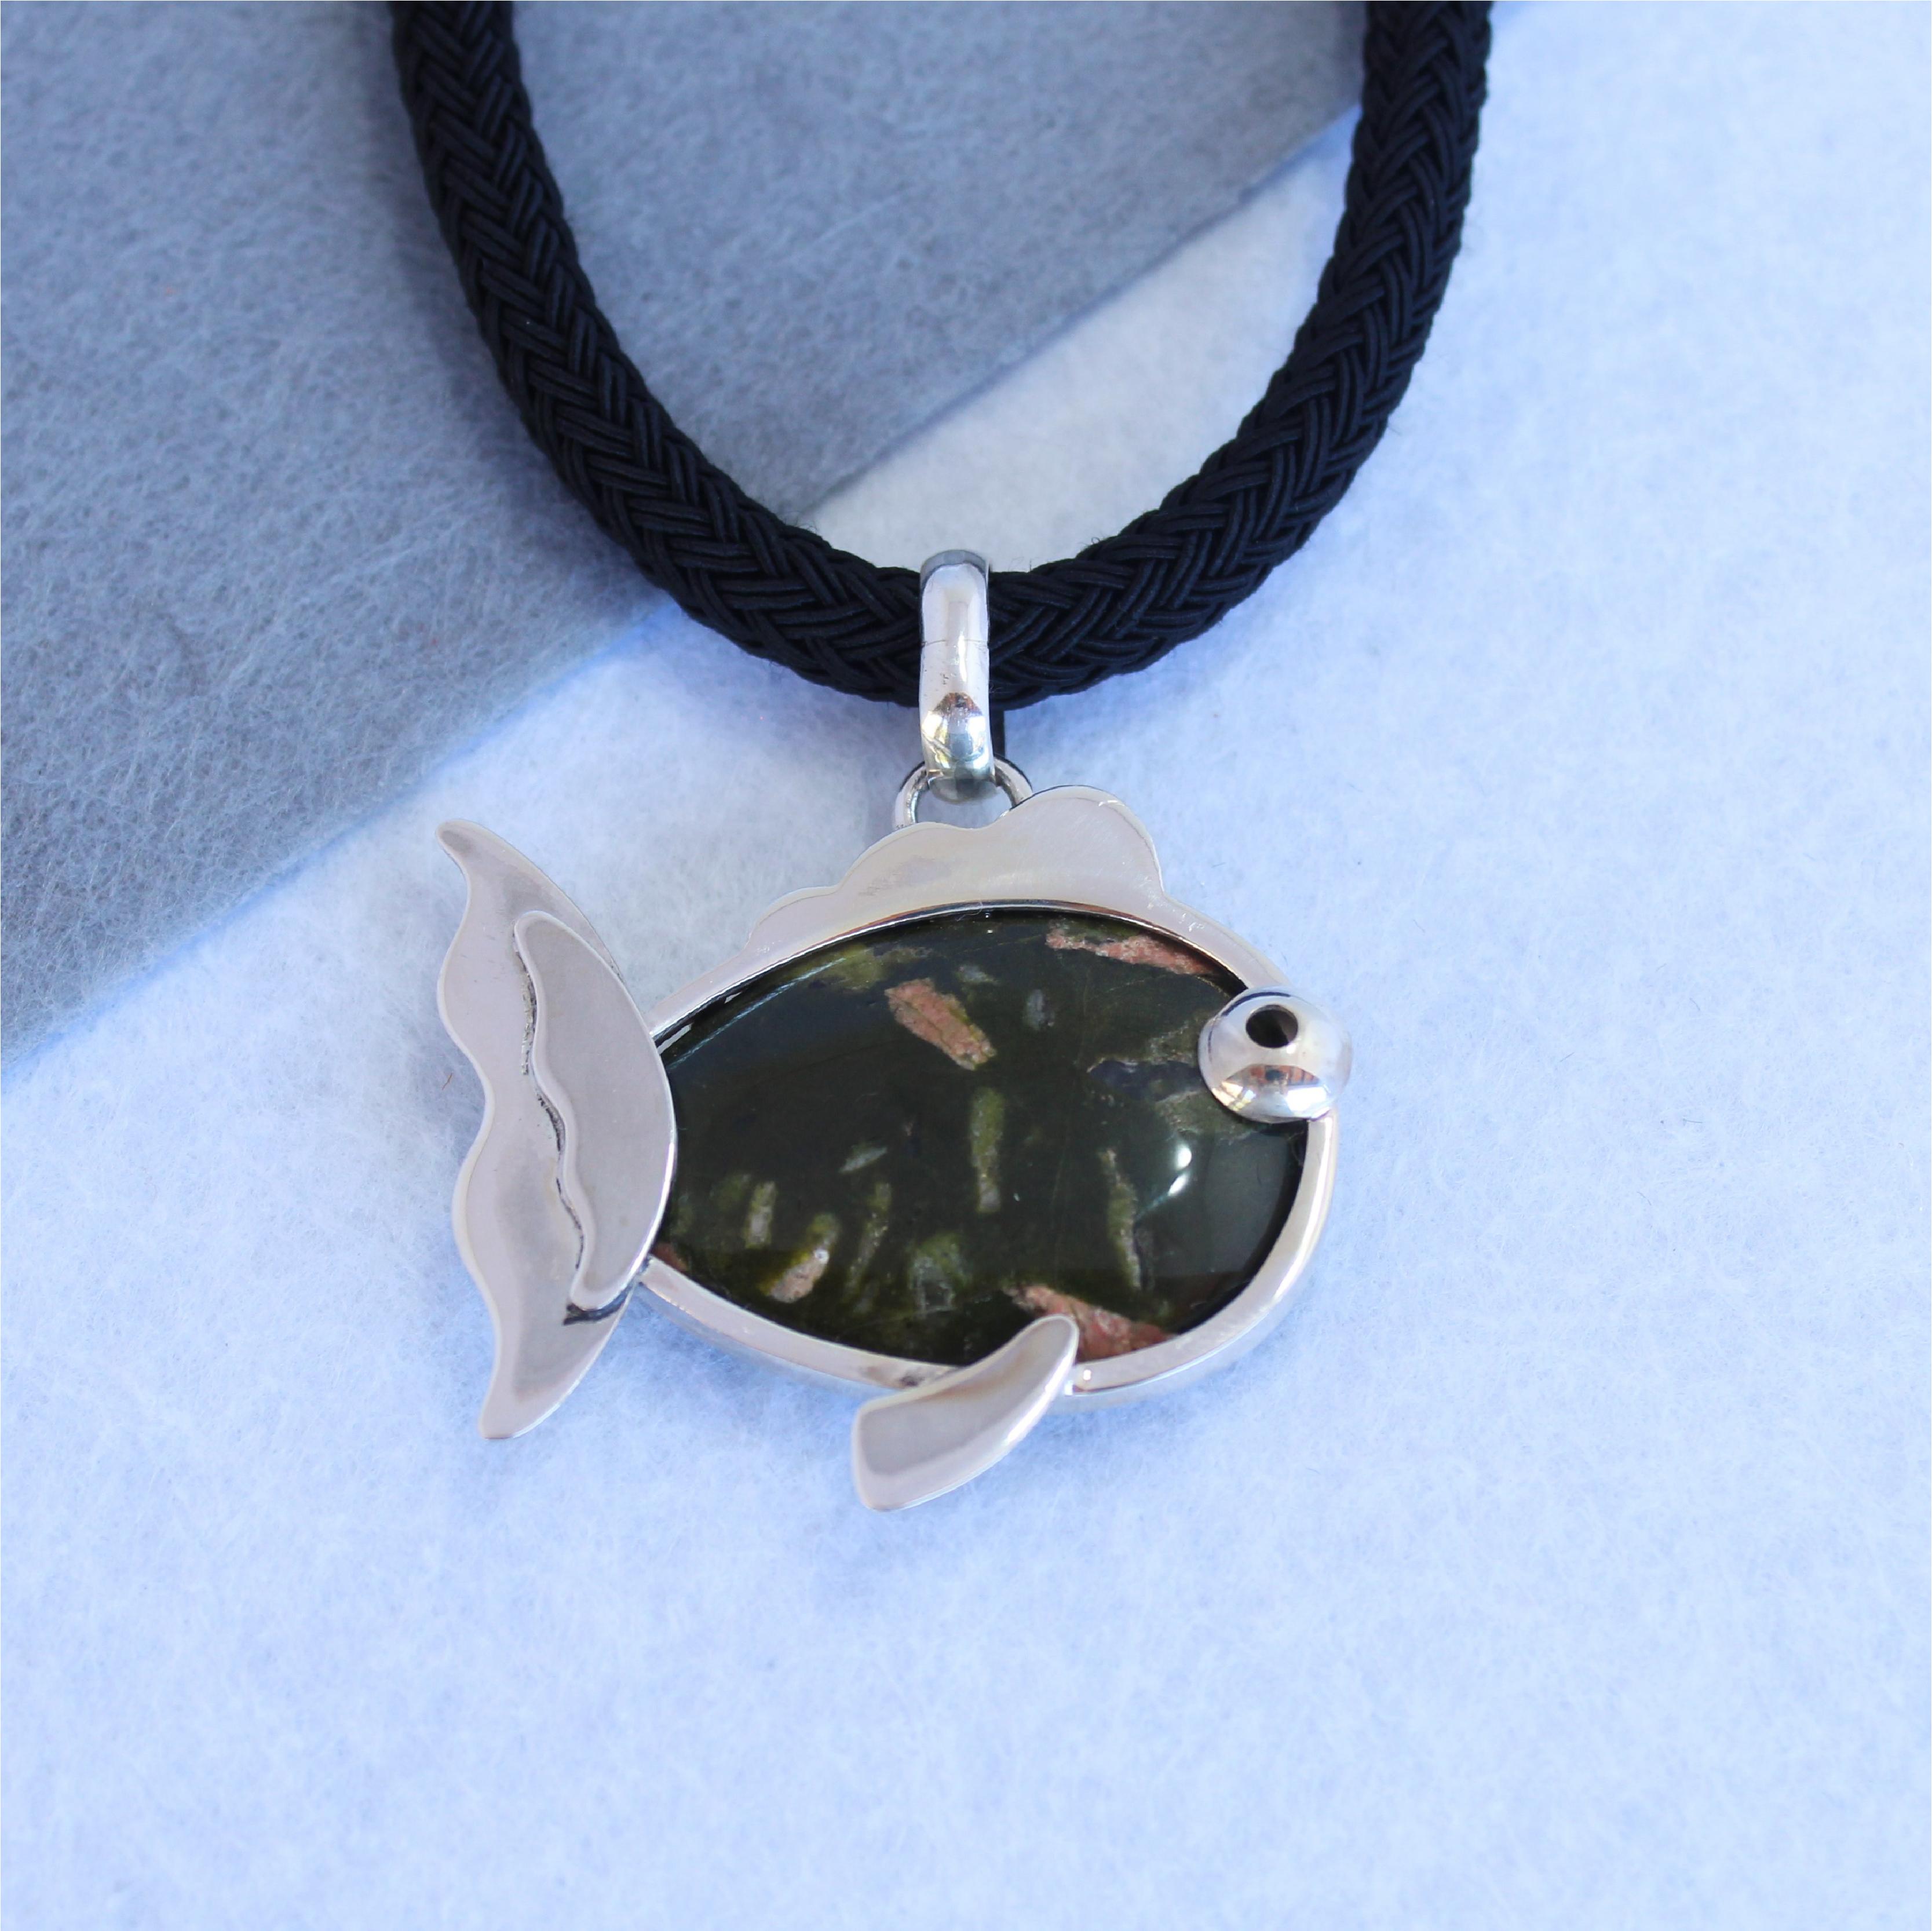 Colgante con forma de pez en plata de ley y cuerpo de unakita. Pieza única